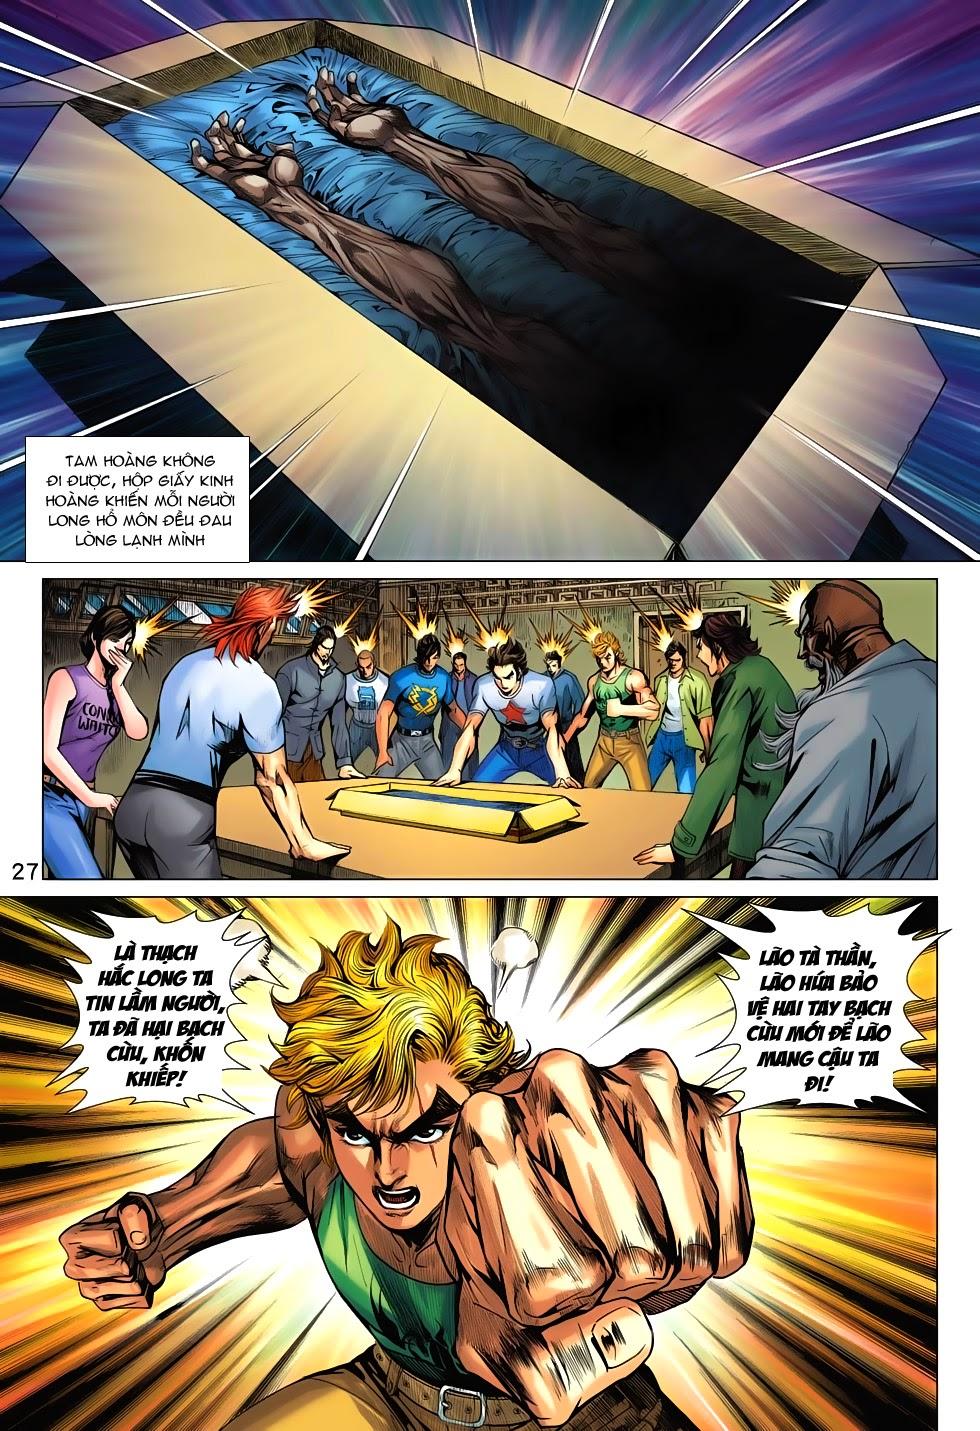 Tân Tác Long Hổ Môn chap 708 - Trang 28